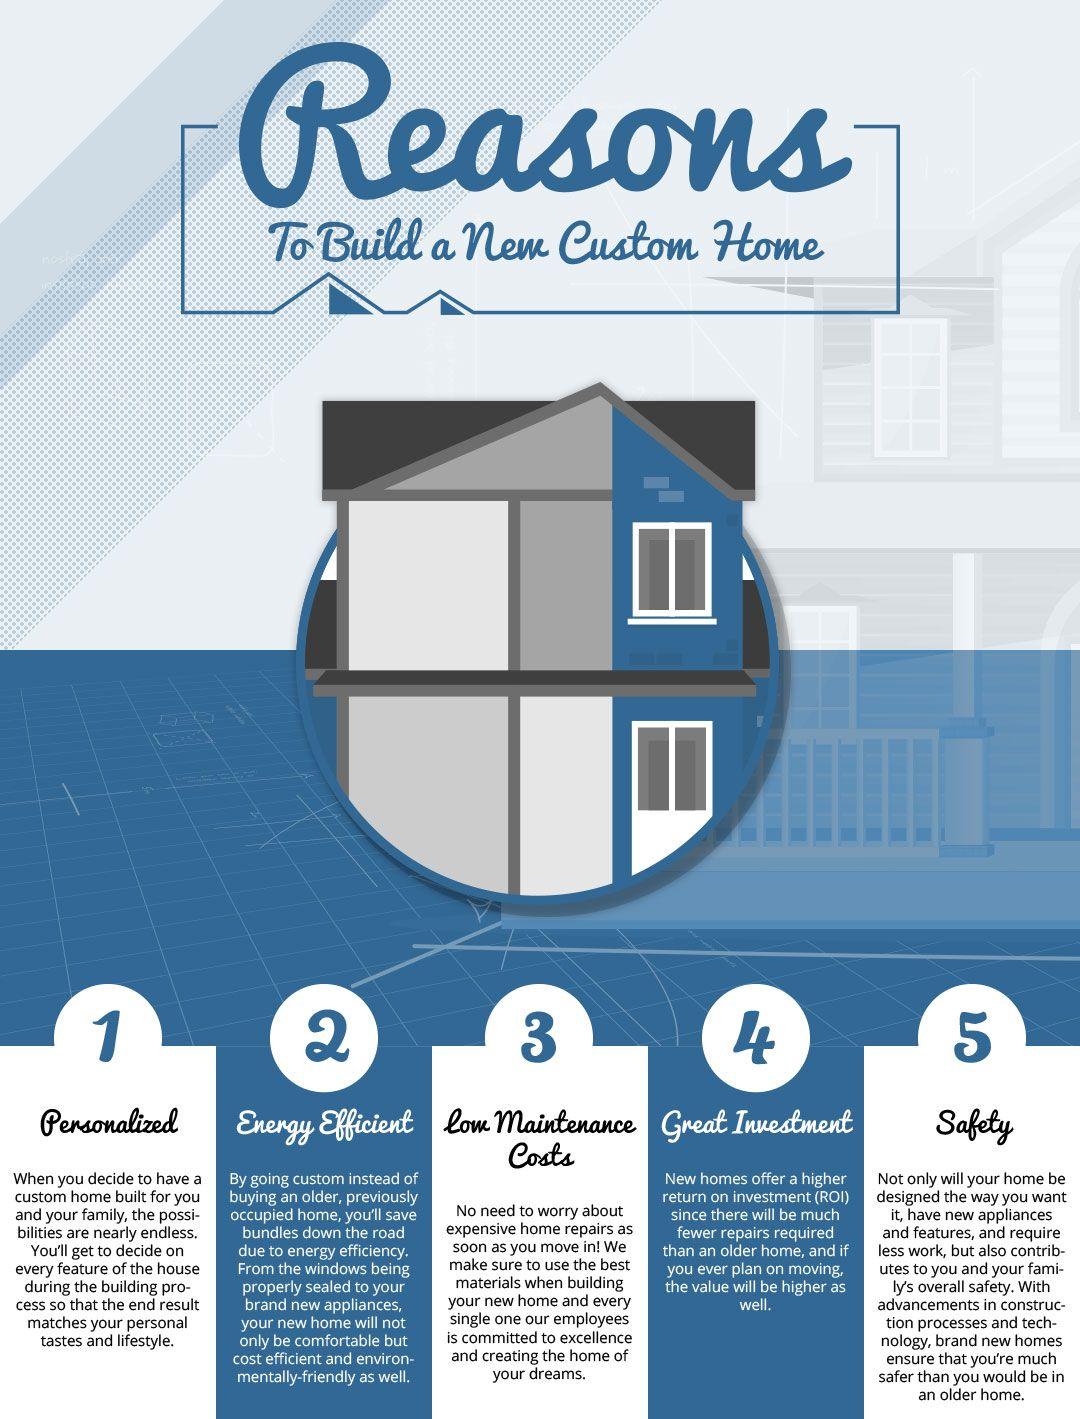 reasons-to-build-a-custom-home-5b92d098d1b85.jpg